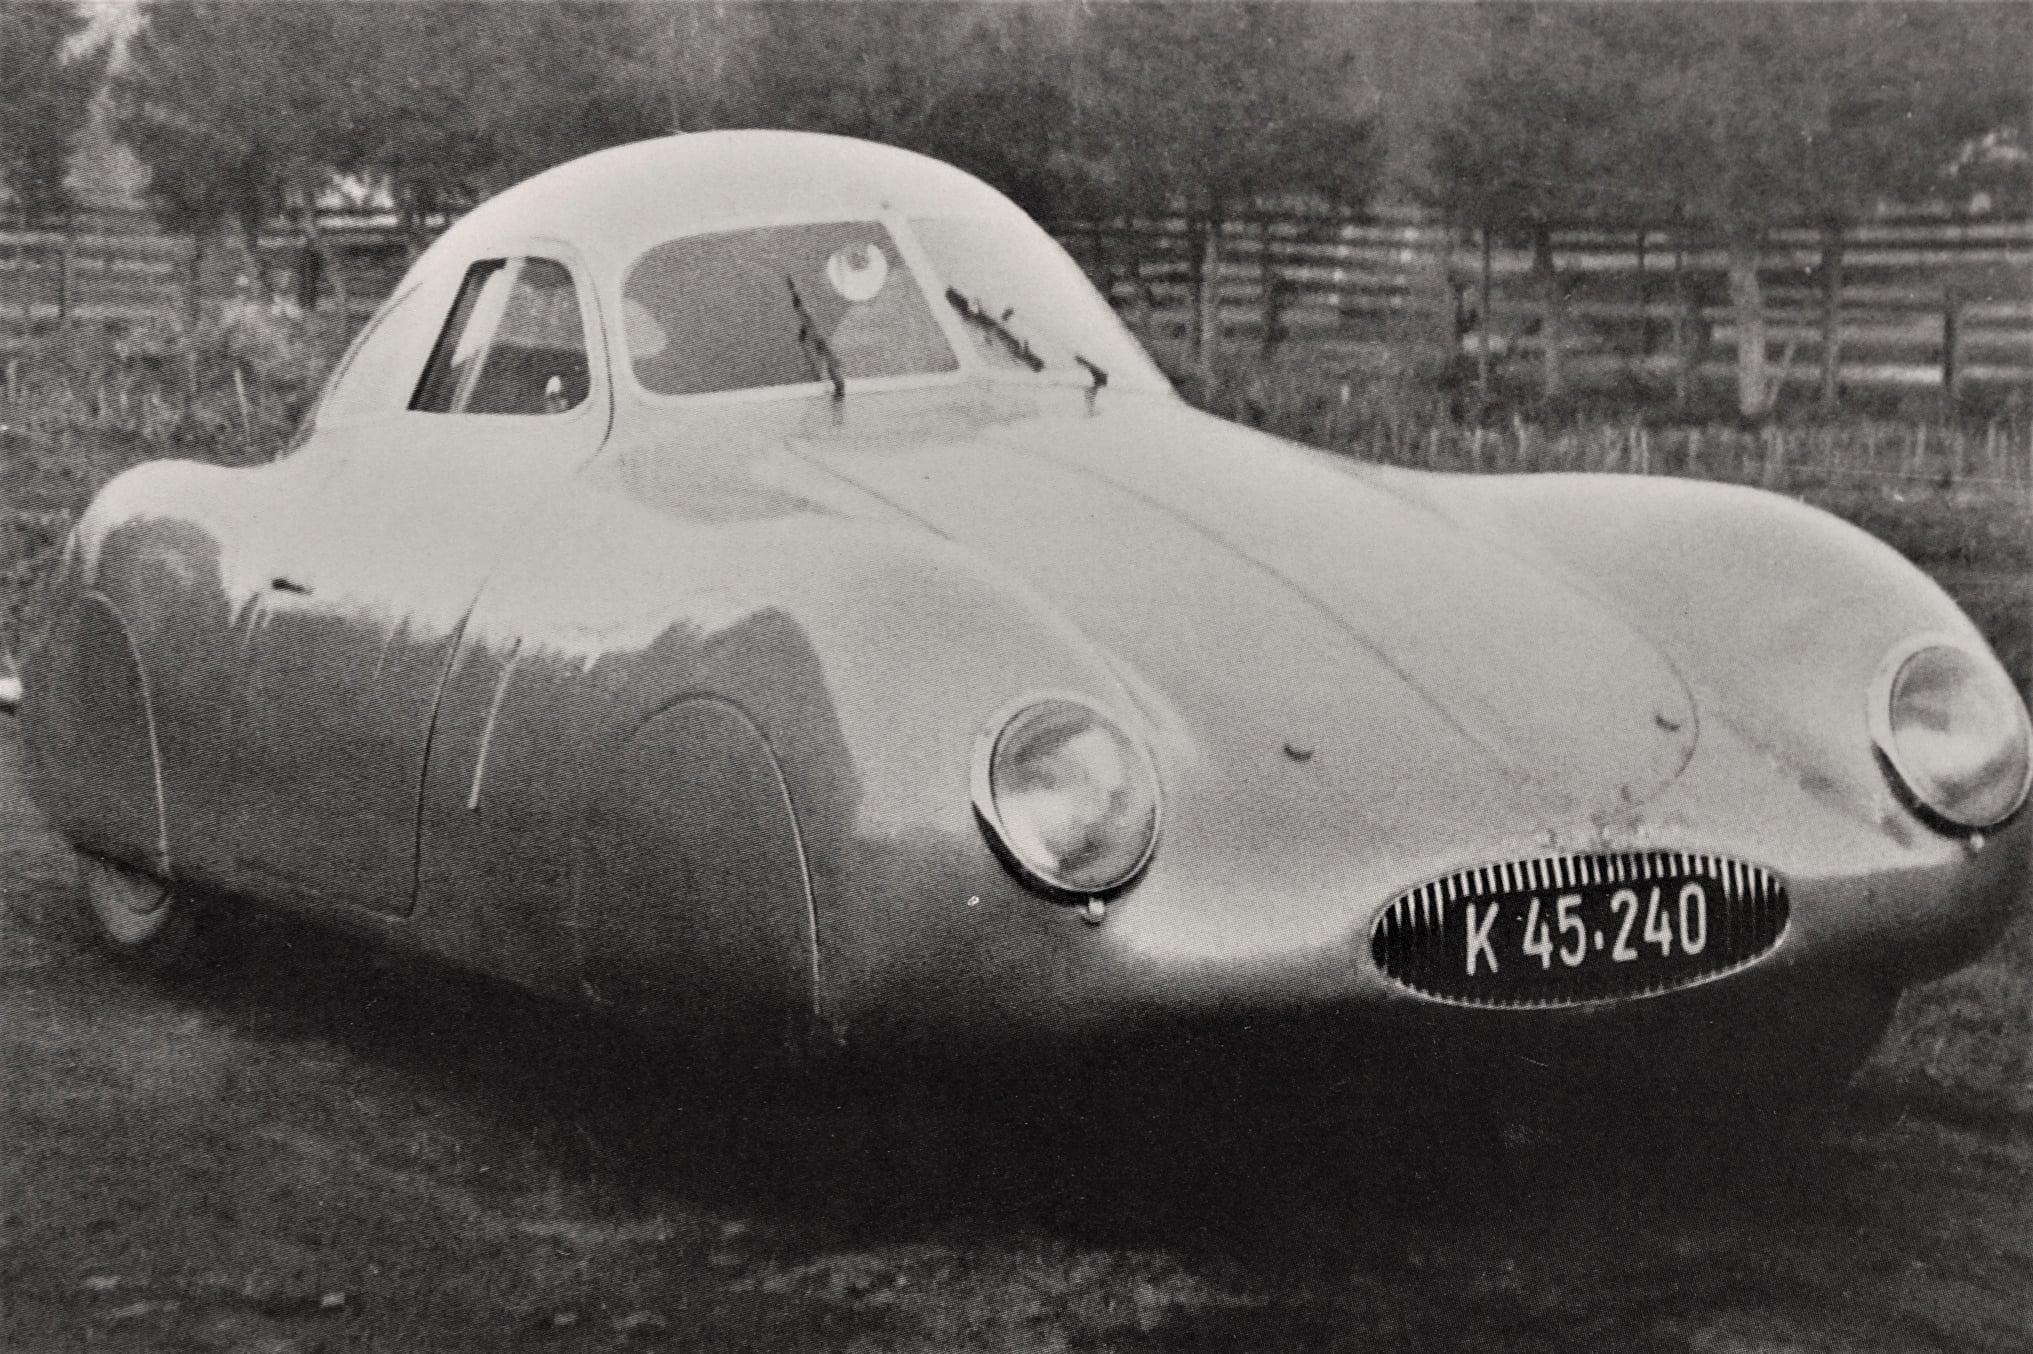 Porsche-1947-Cissitalia-project